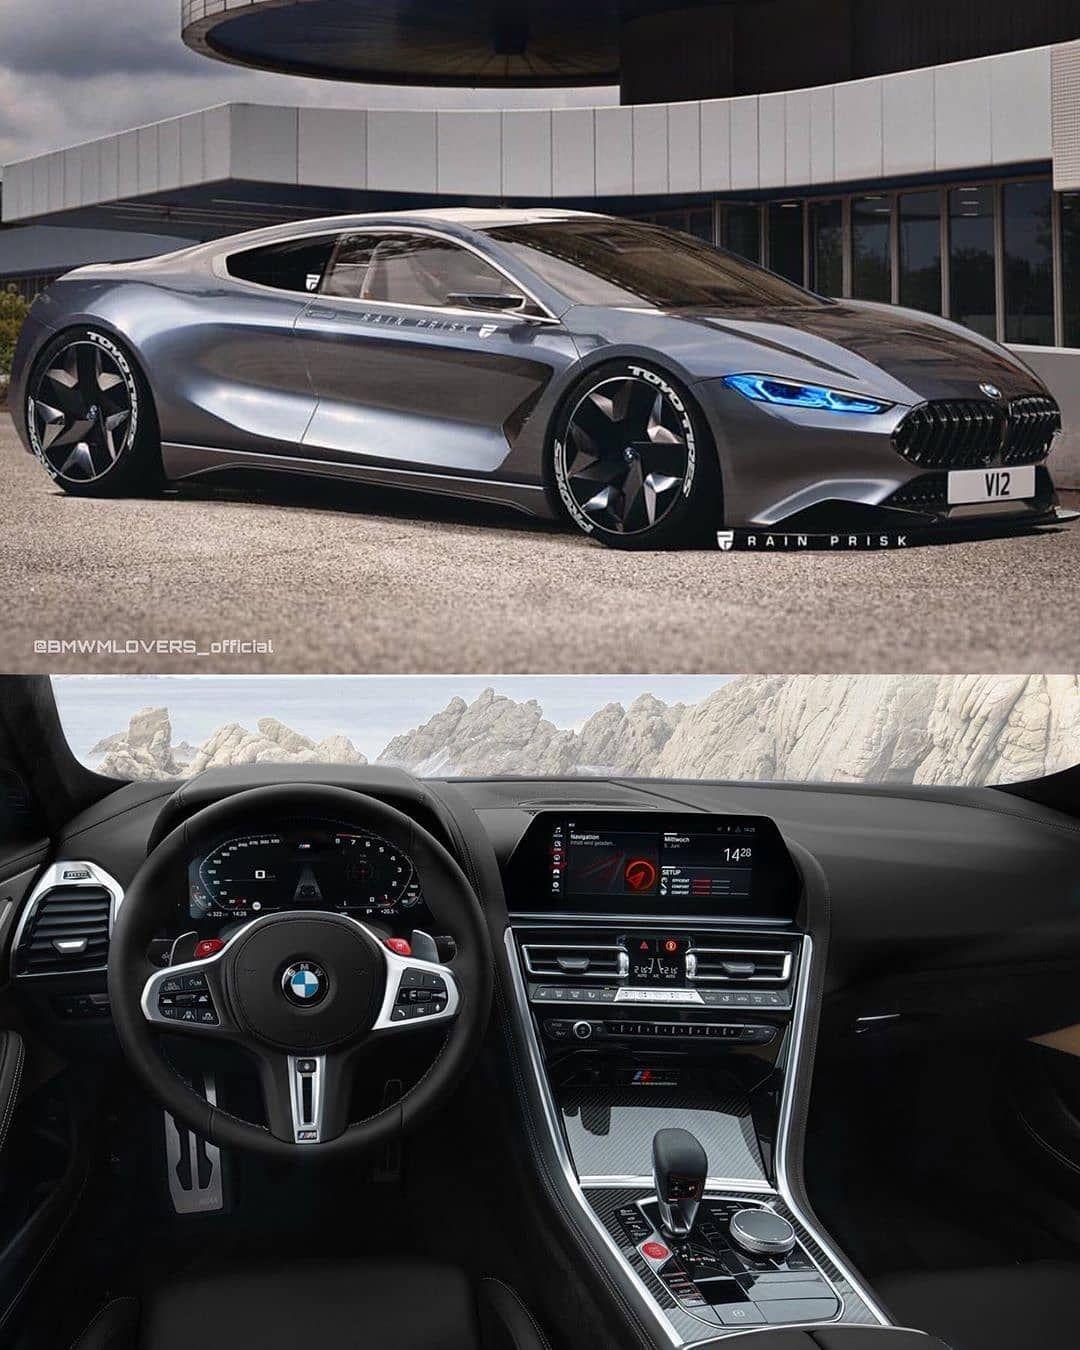 Bmw M10 V12 Supercar Edi Dream Cars Bmw Bmw Bmw M10